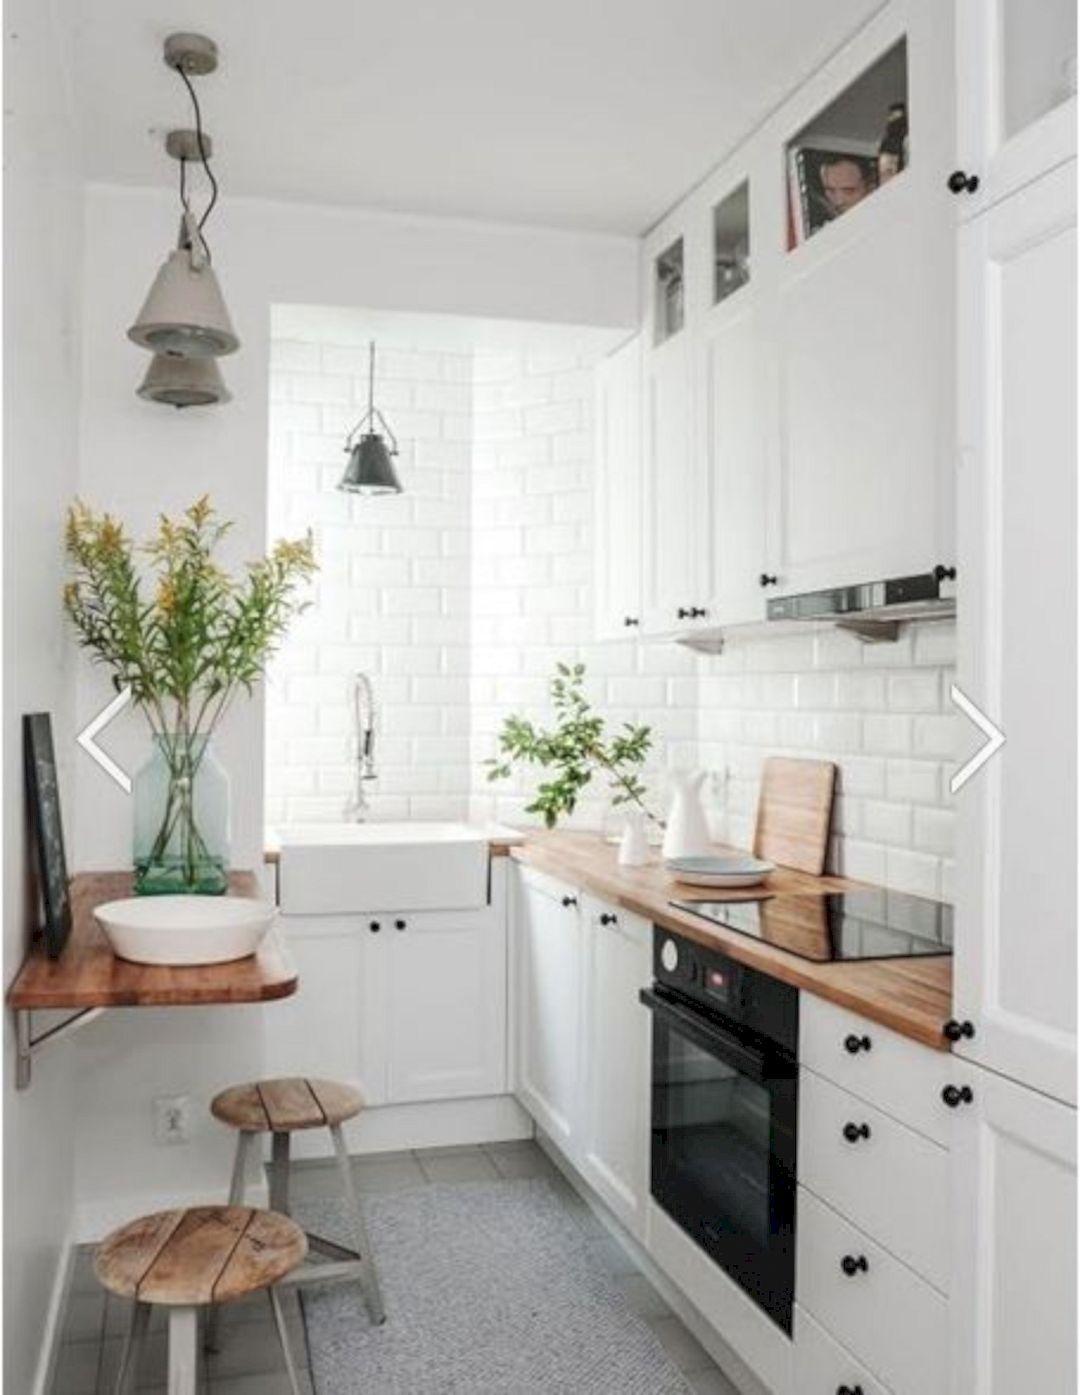 Charmant 91 Brilliant Small Kitchen Remodel Ideas